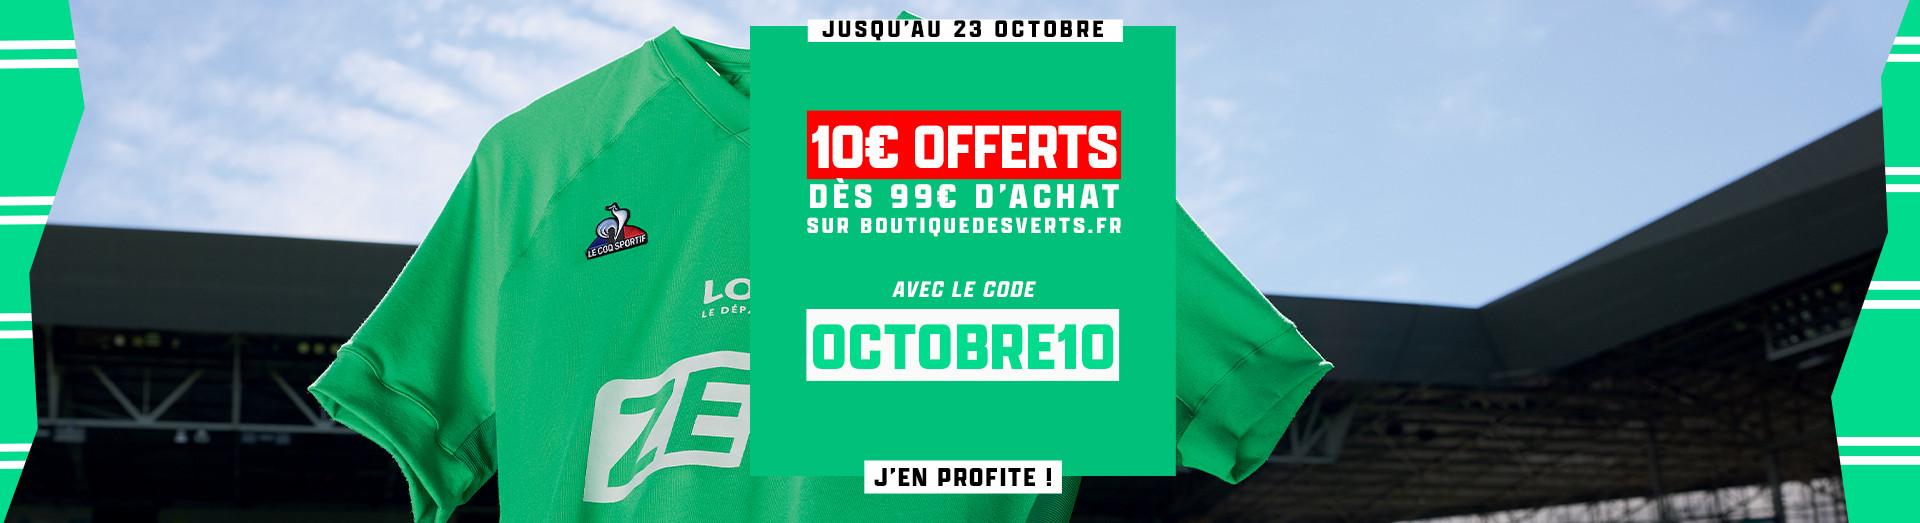 10€ offerts dès 99€d'achat